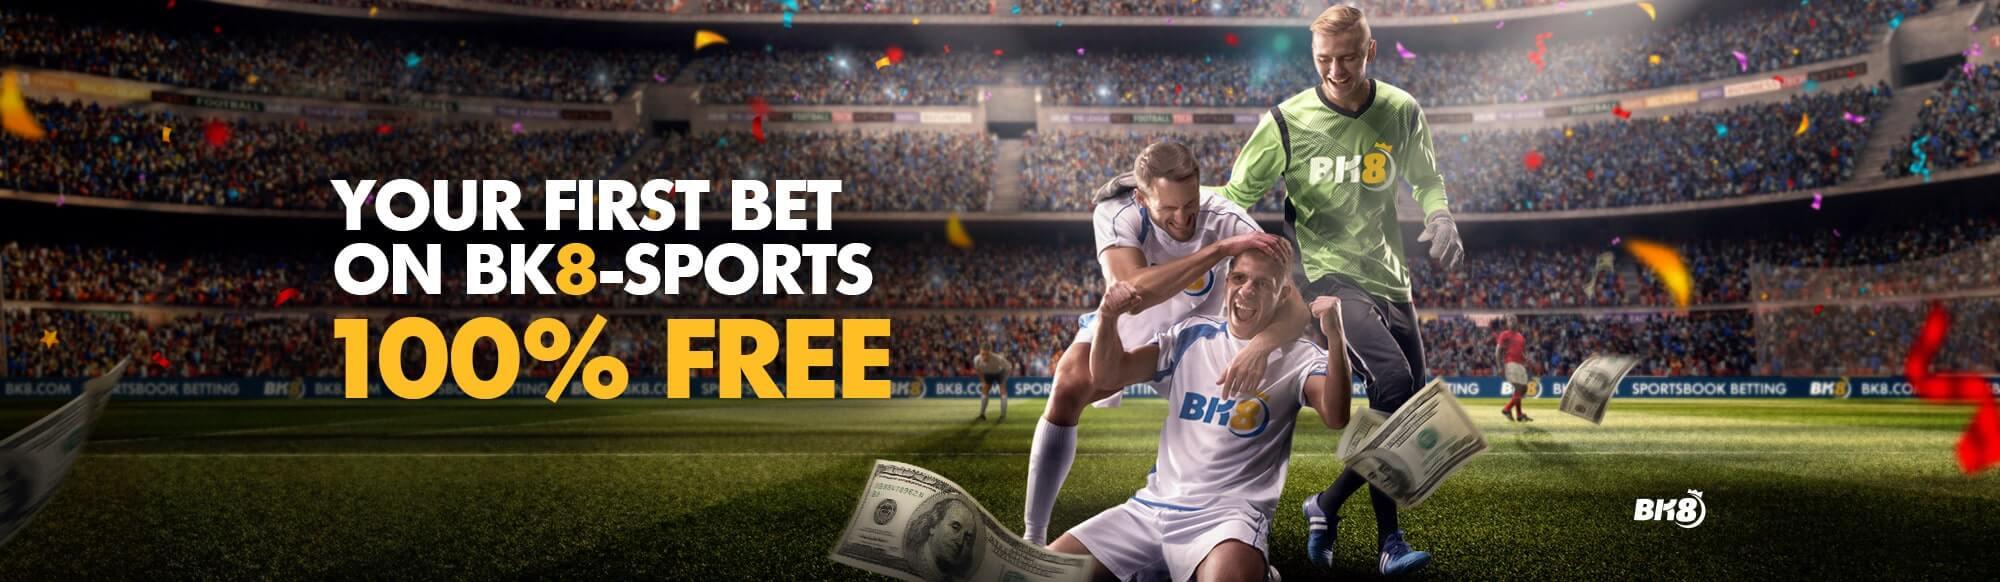 Bk8 Sports Promotion